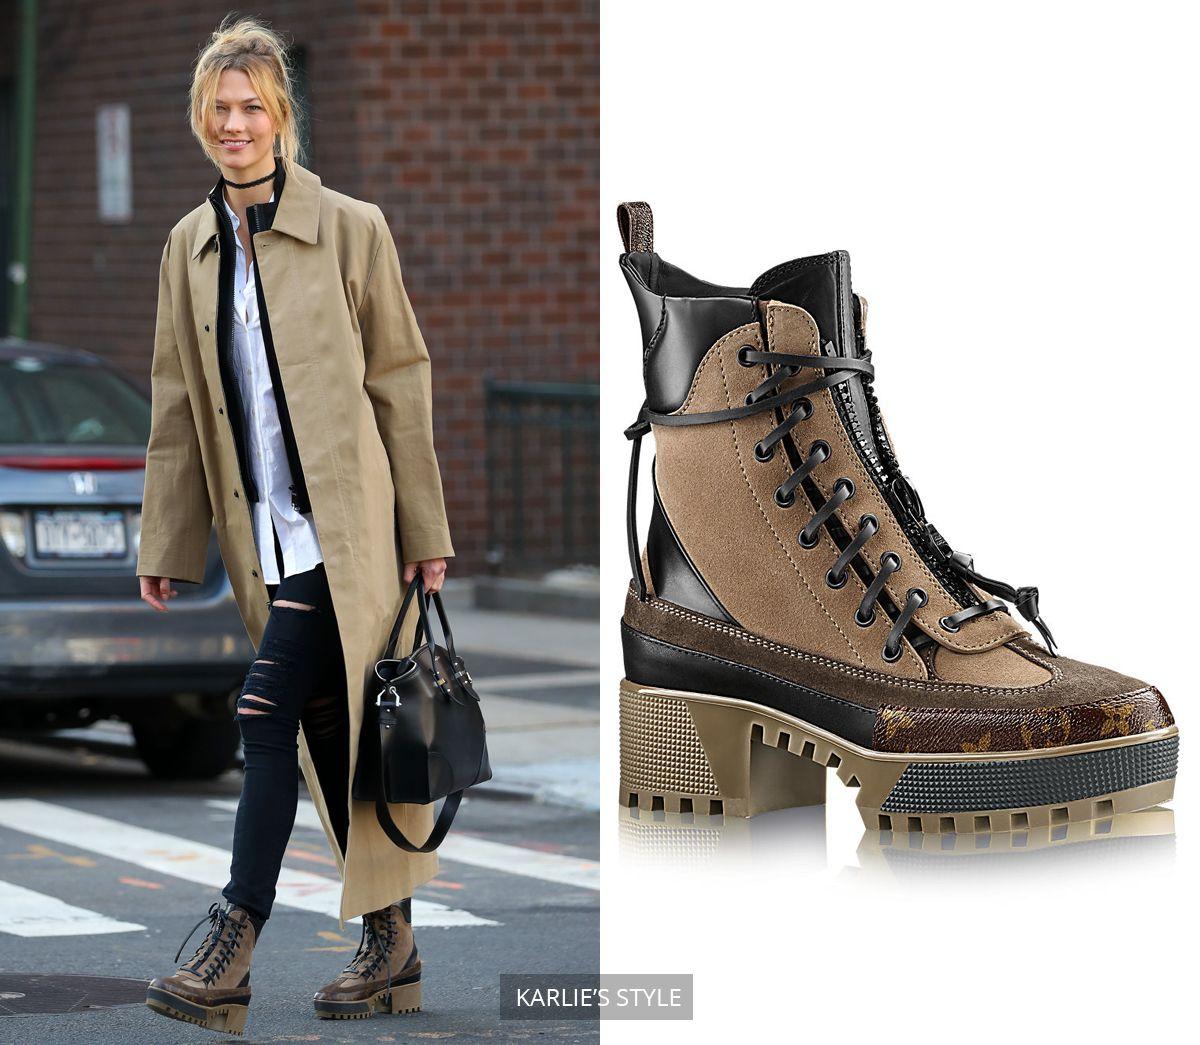 Karlie Kloss - Louis Vuitton Boots